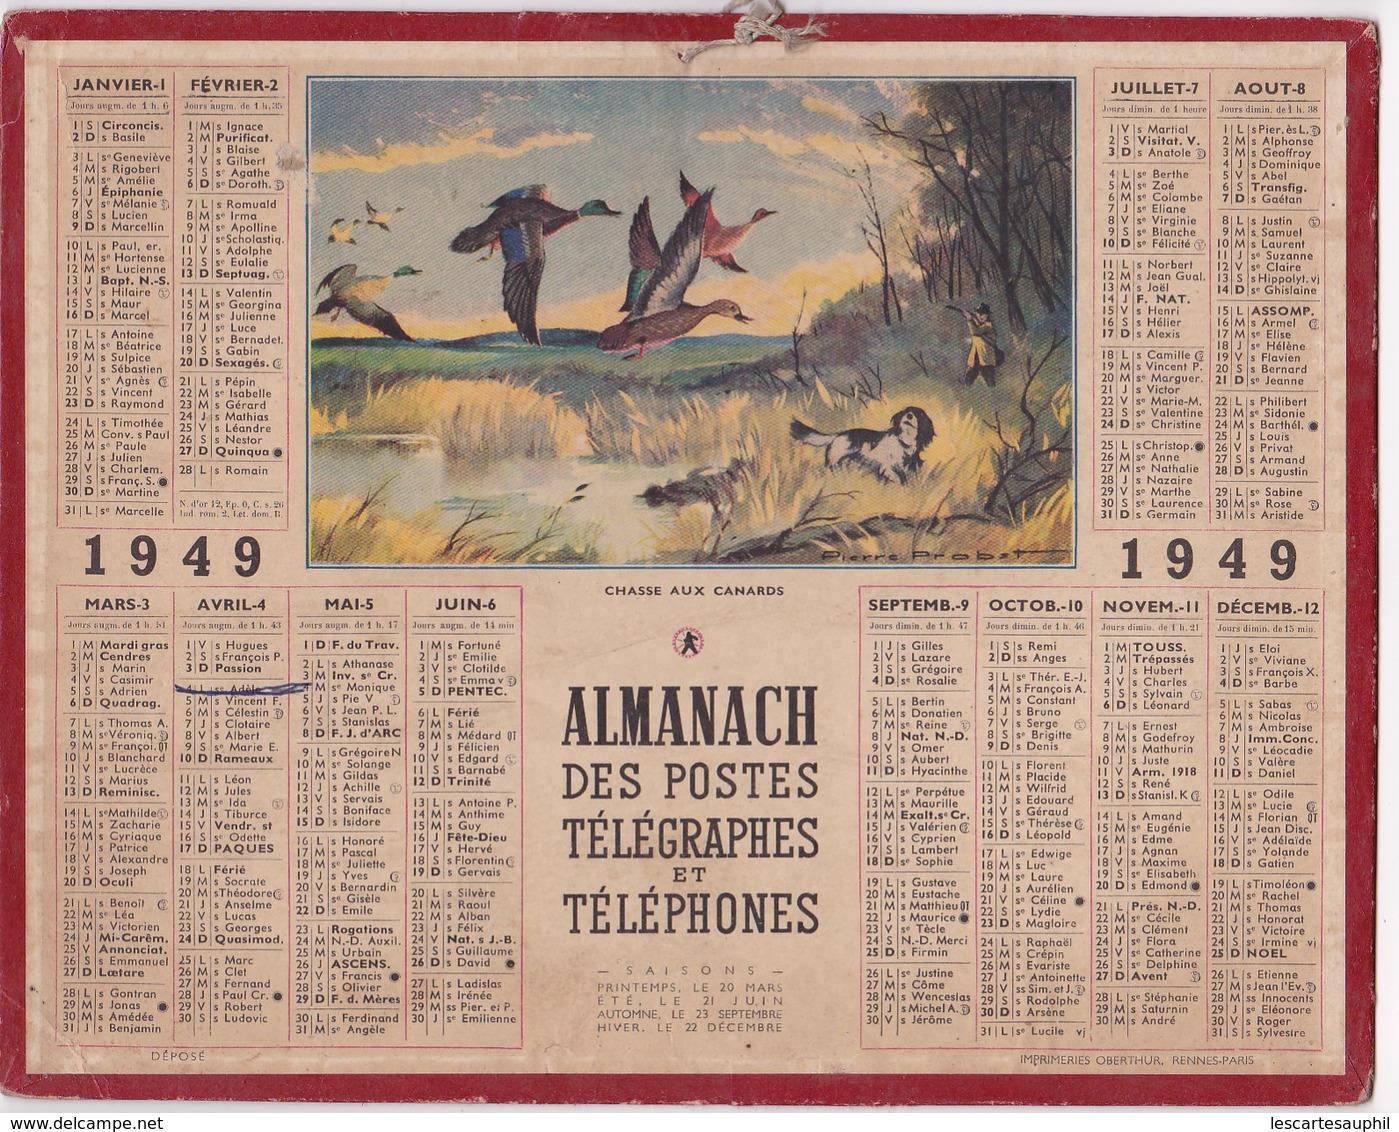 Almanach Des Postes Et Telegraphes 1949 Illustré Pierre Probst Chasse Aux Canards - Calendriers